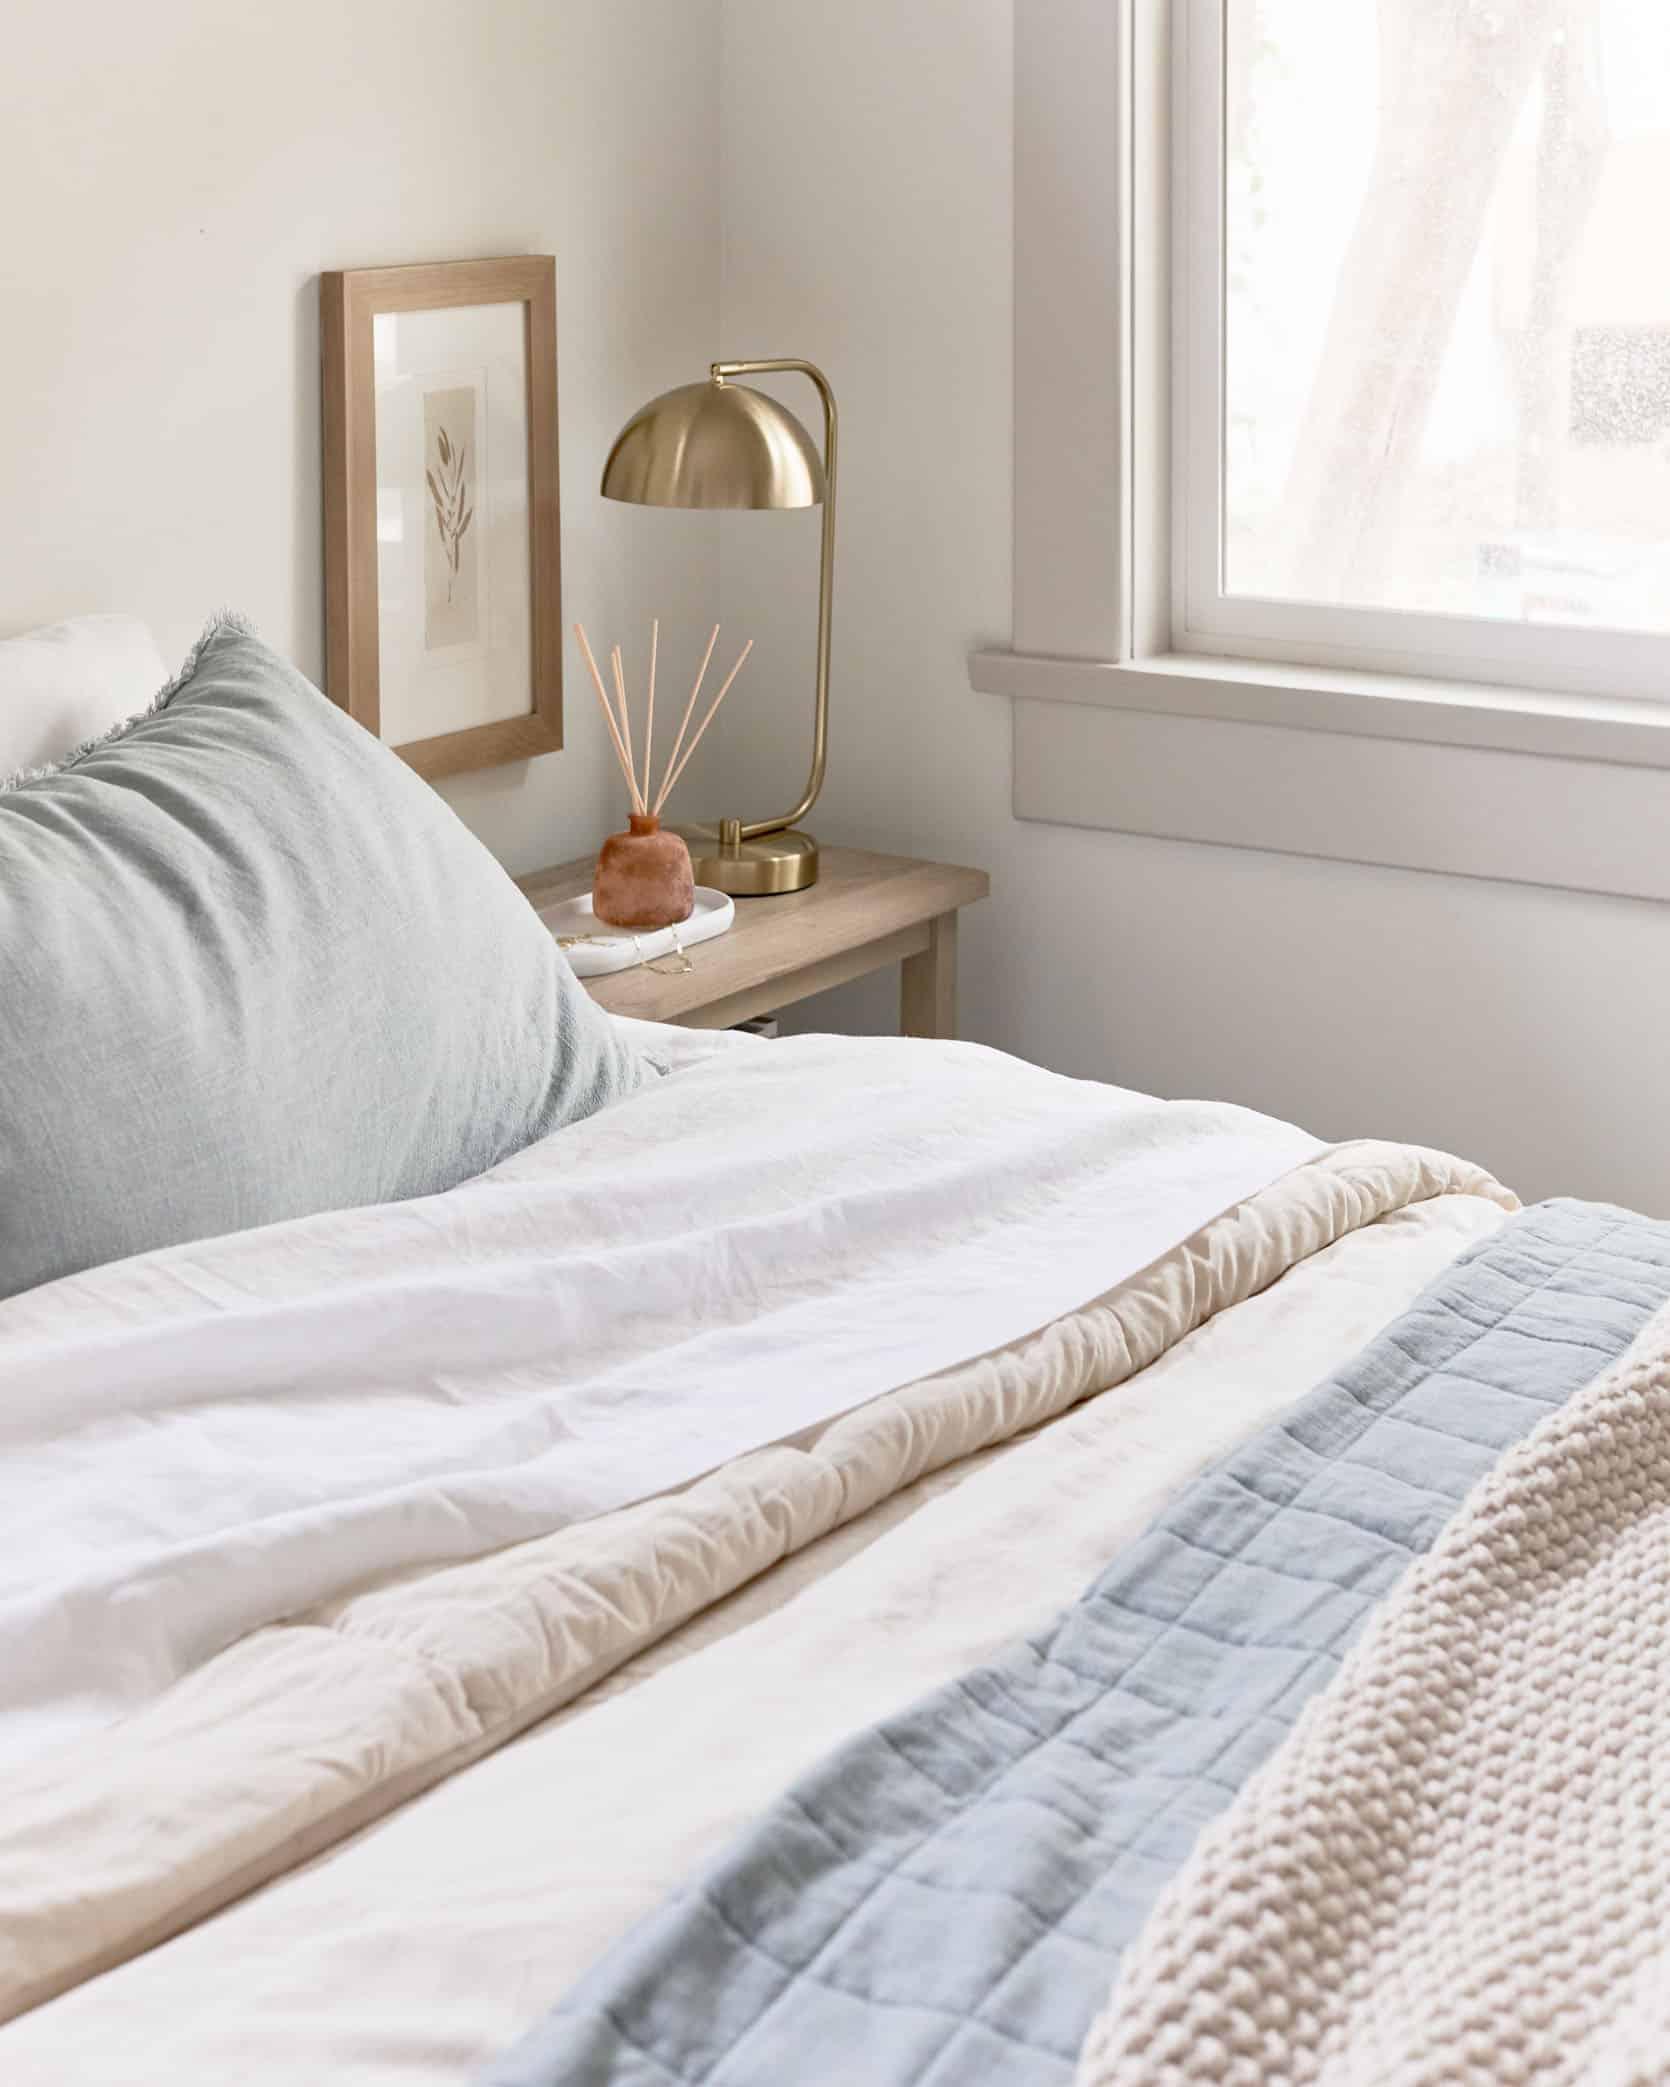 How To Design Your Bedroom For The Best Night SLEEP (+ Introducing Target's New Casaluna Line) Best Children's Lighting & Home Decor Online Store